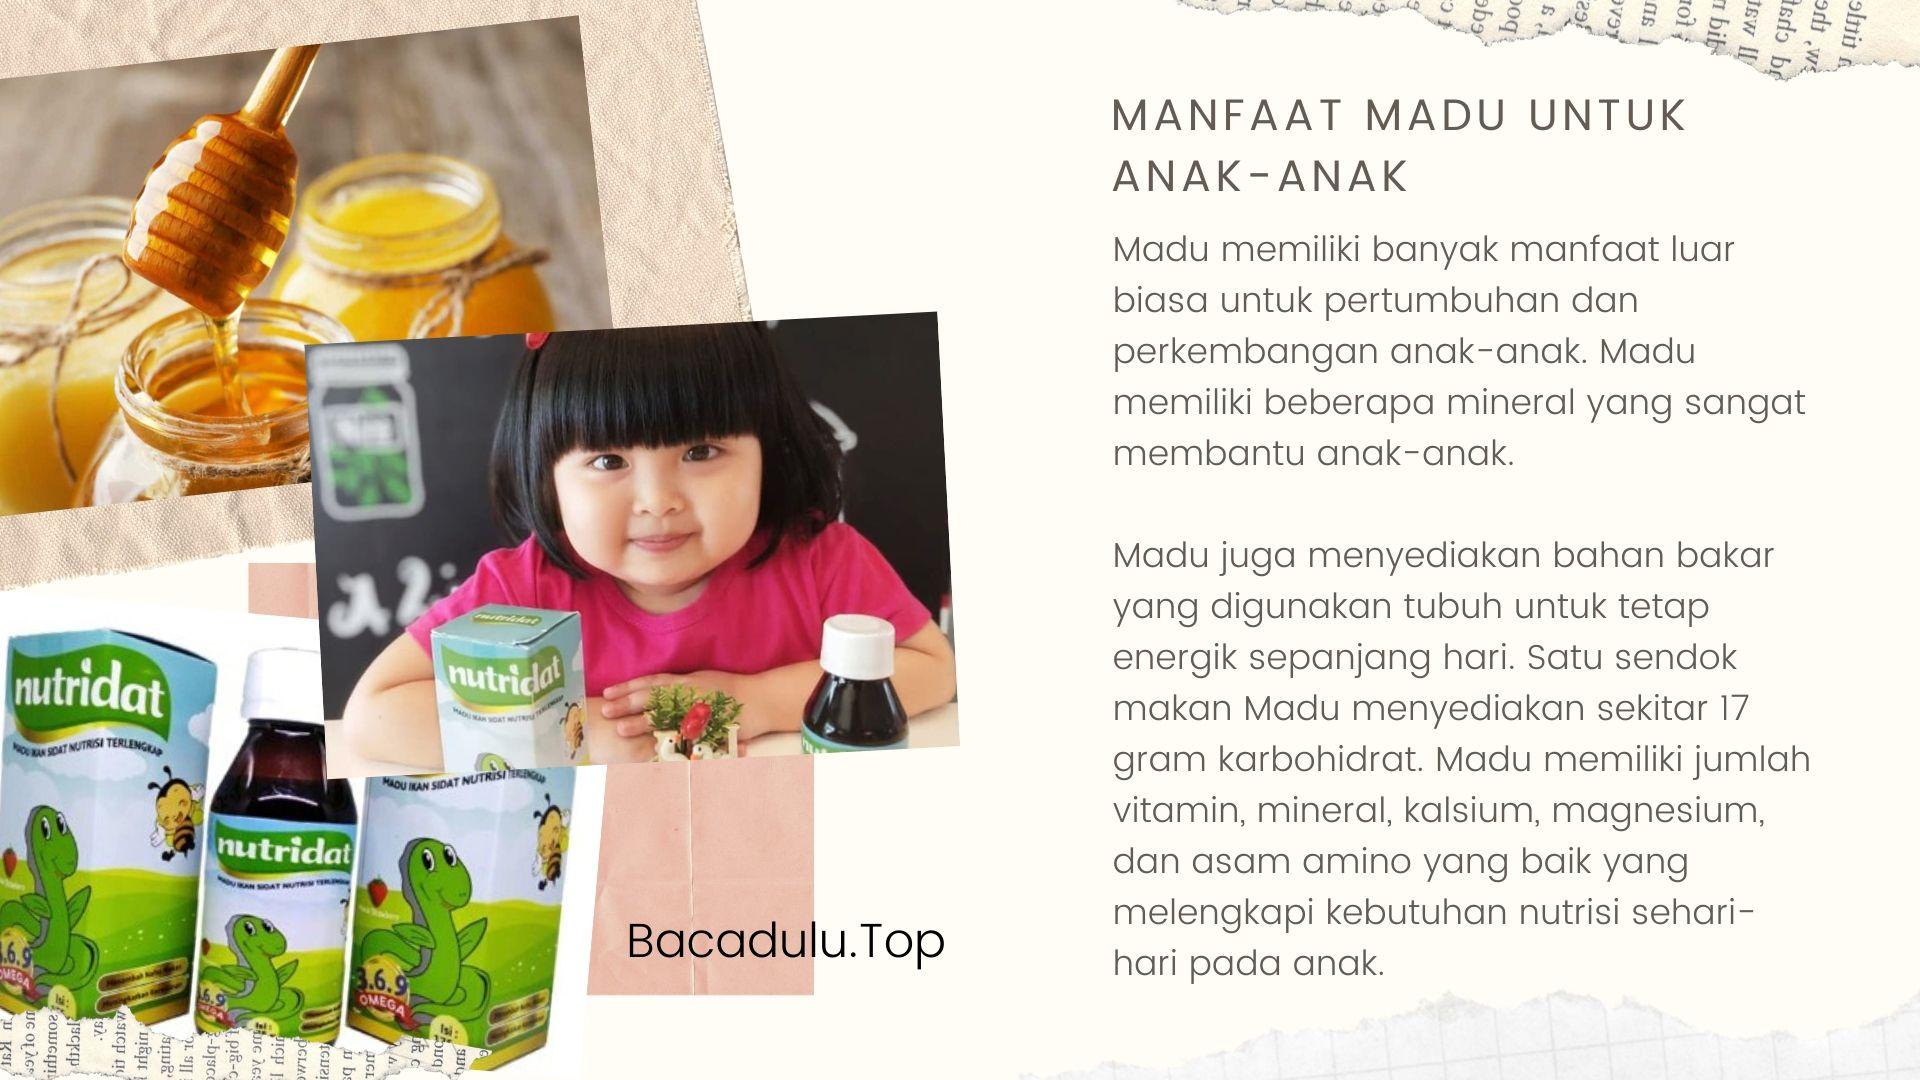 Apa Saja Manfaat Komposisi Nutridat Untuk Anak-anak madu